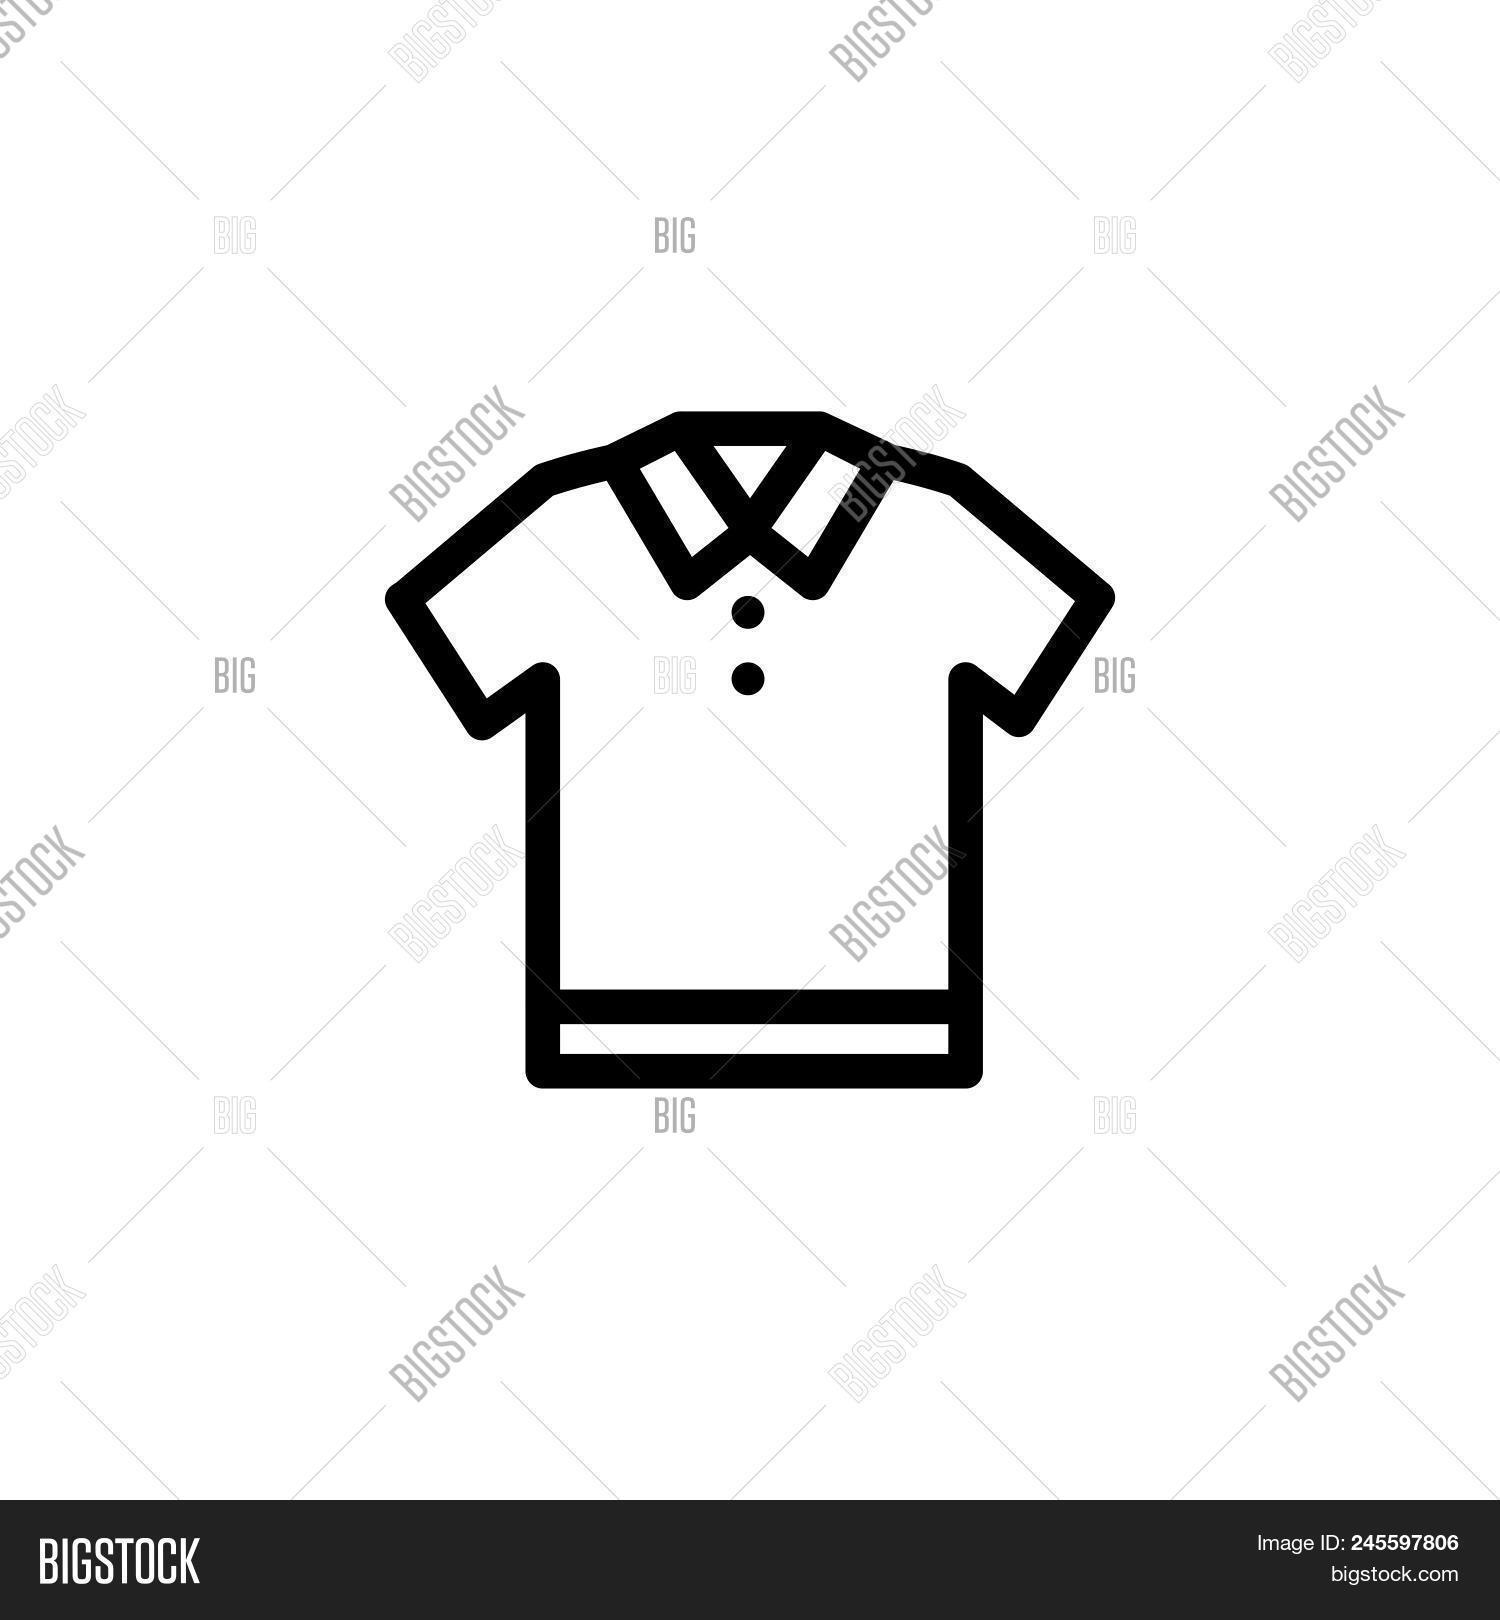 Polo Shirt Template Free Vector